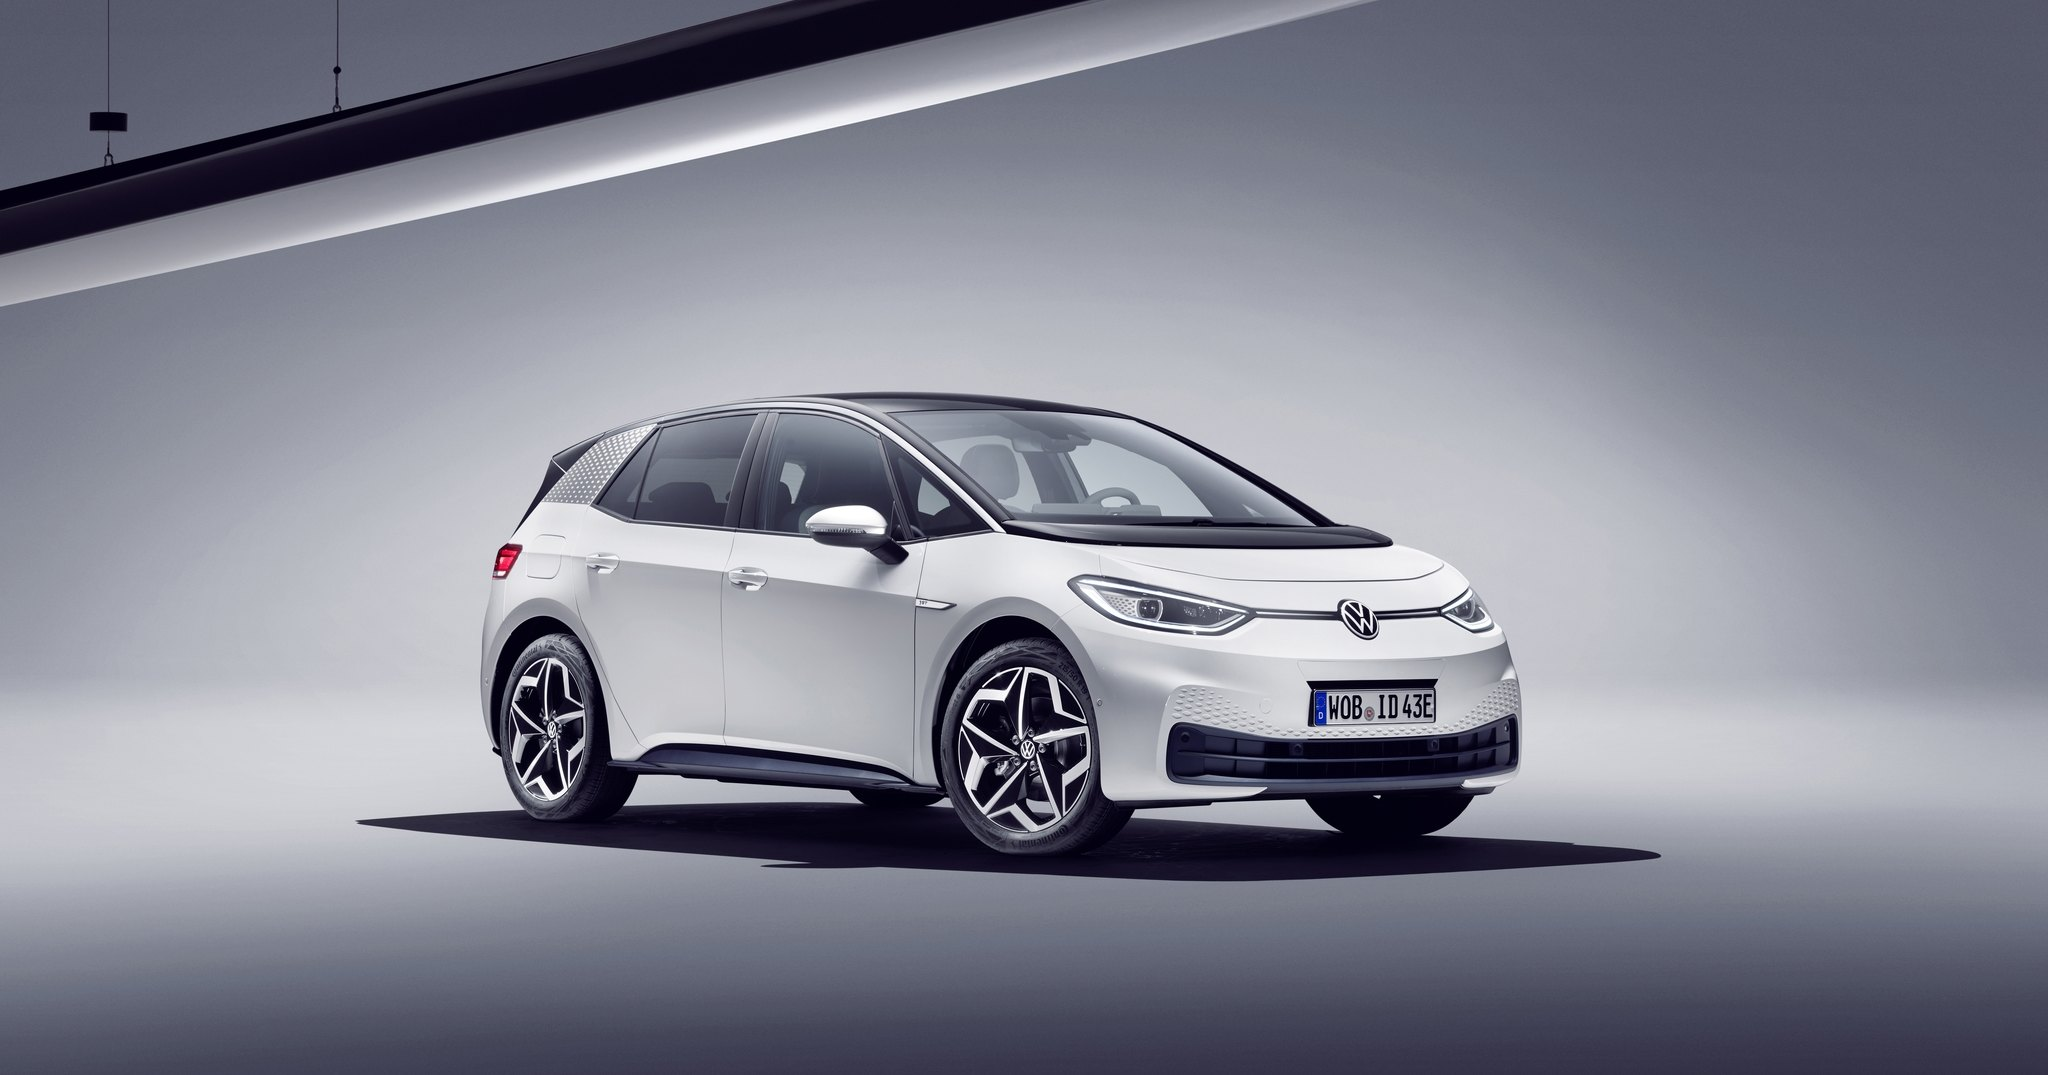 Баги первого электромобиля Volkswagen исправляют 10 000 инженеров